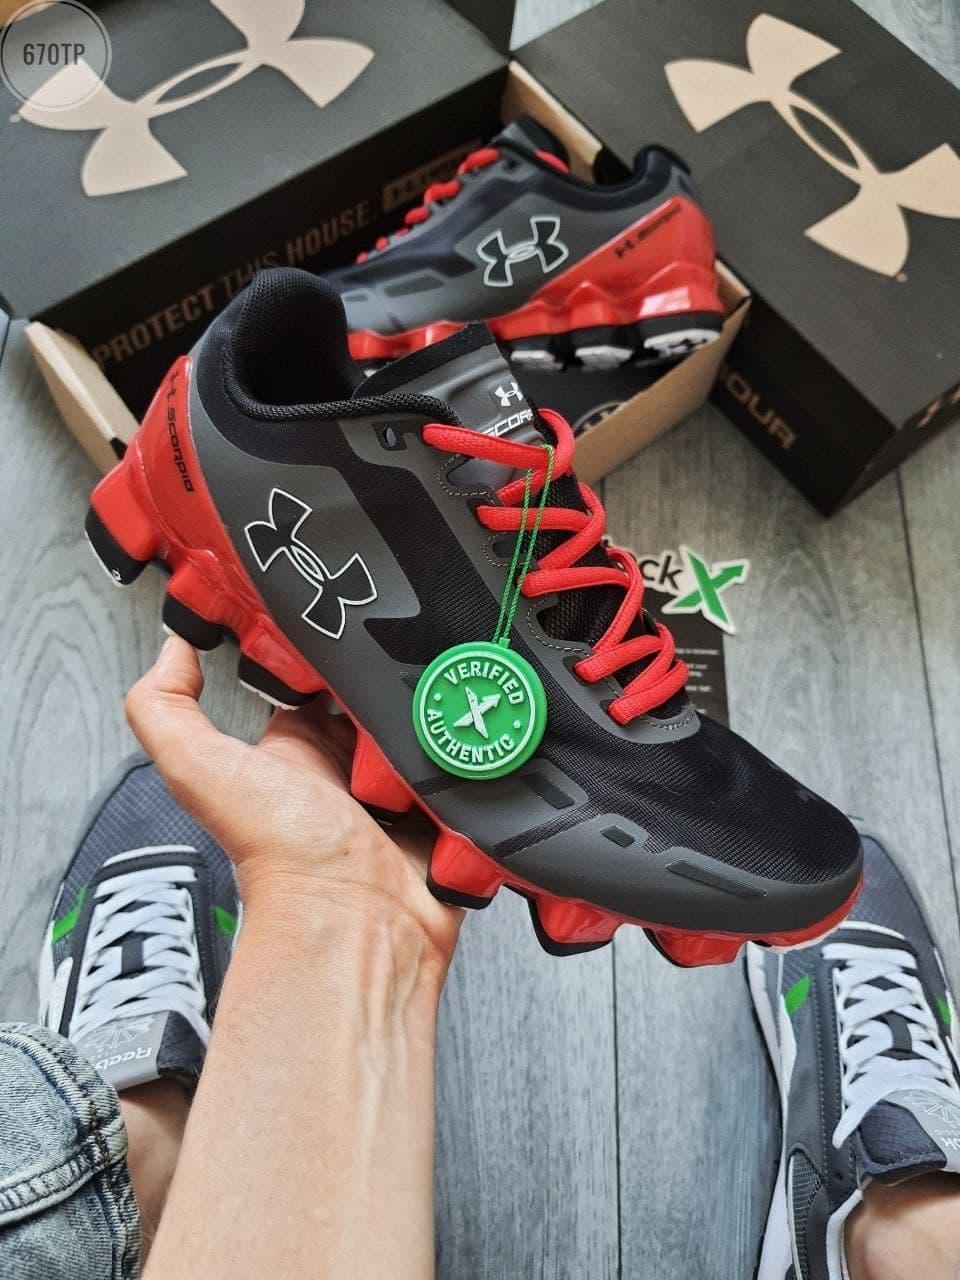 Чоловічі кросівки Under Armour Scorpio Running shoes (чорні з червоним) повсякденна модне взуття 670TP